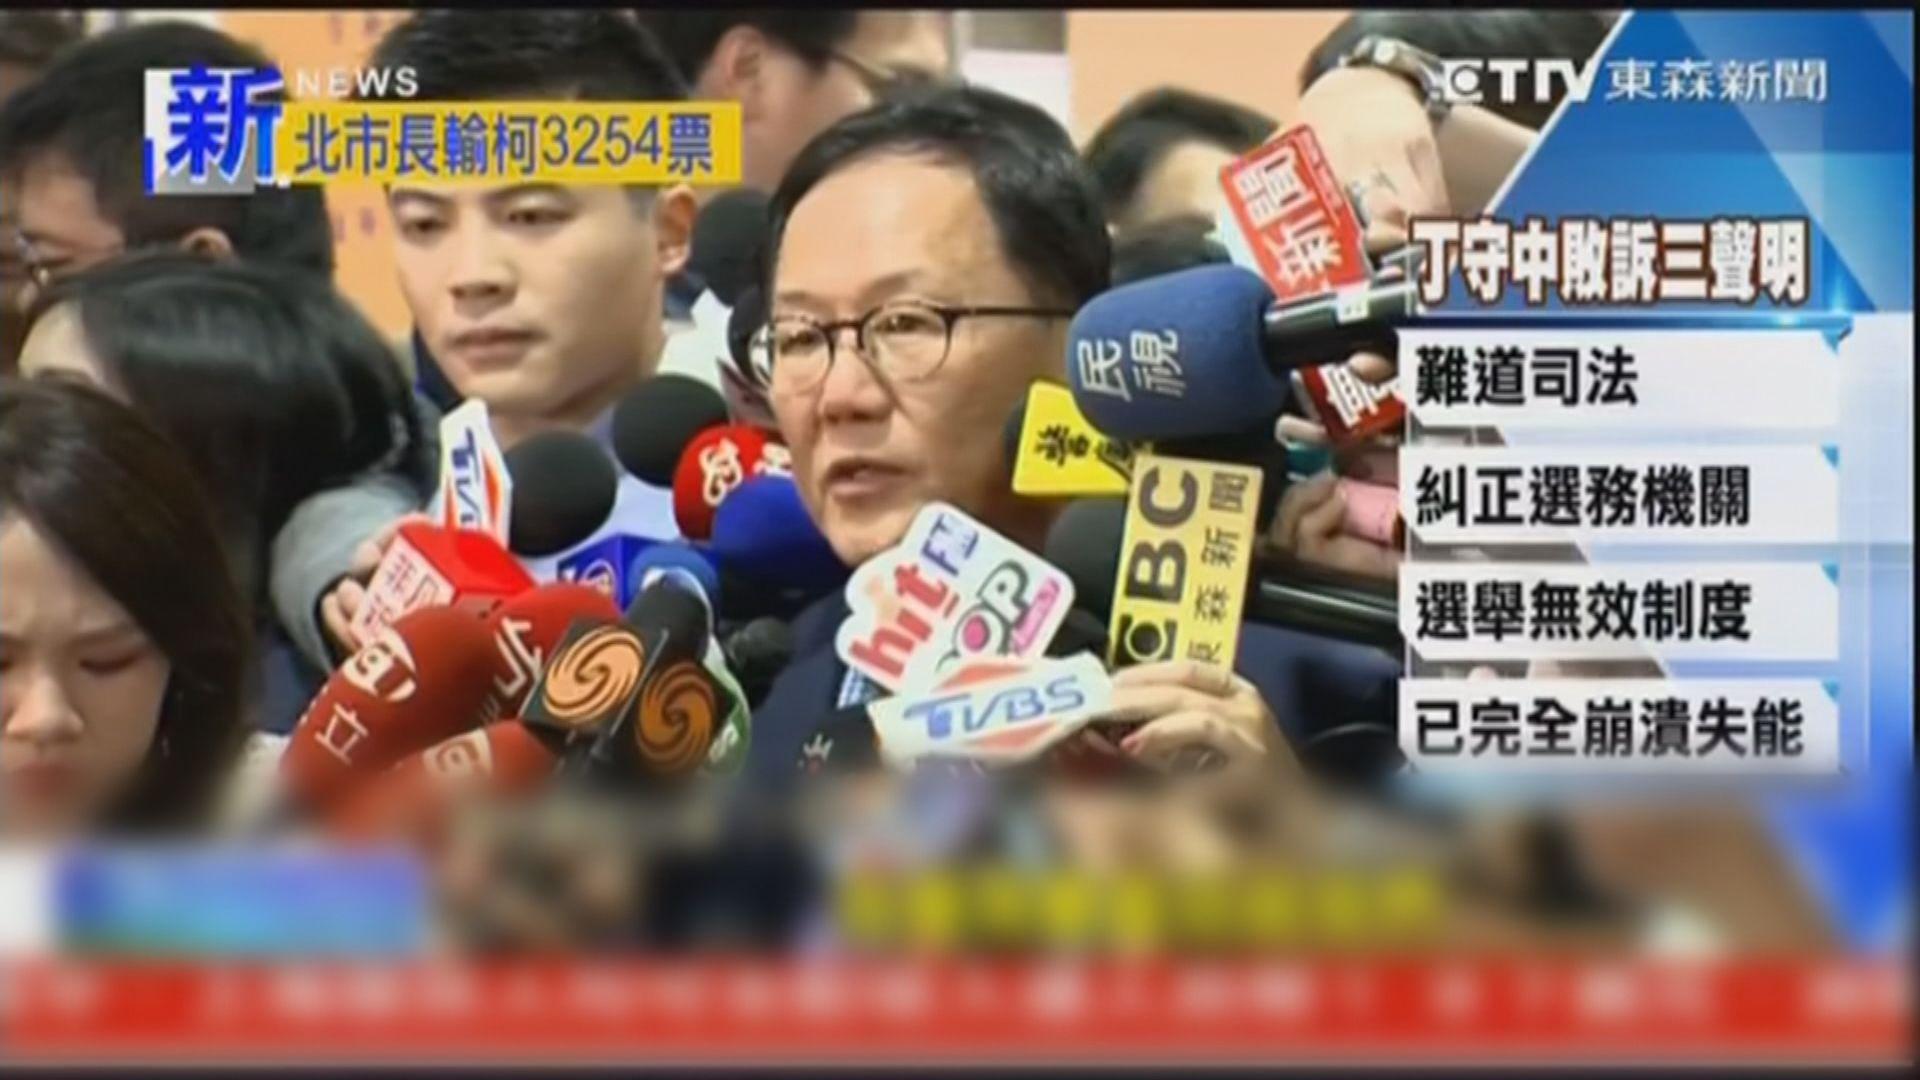 台北市長選舉裁定有效 丁守中考慮上訴